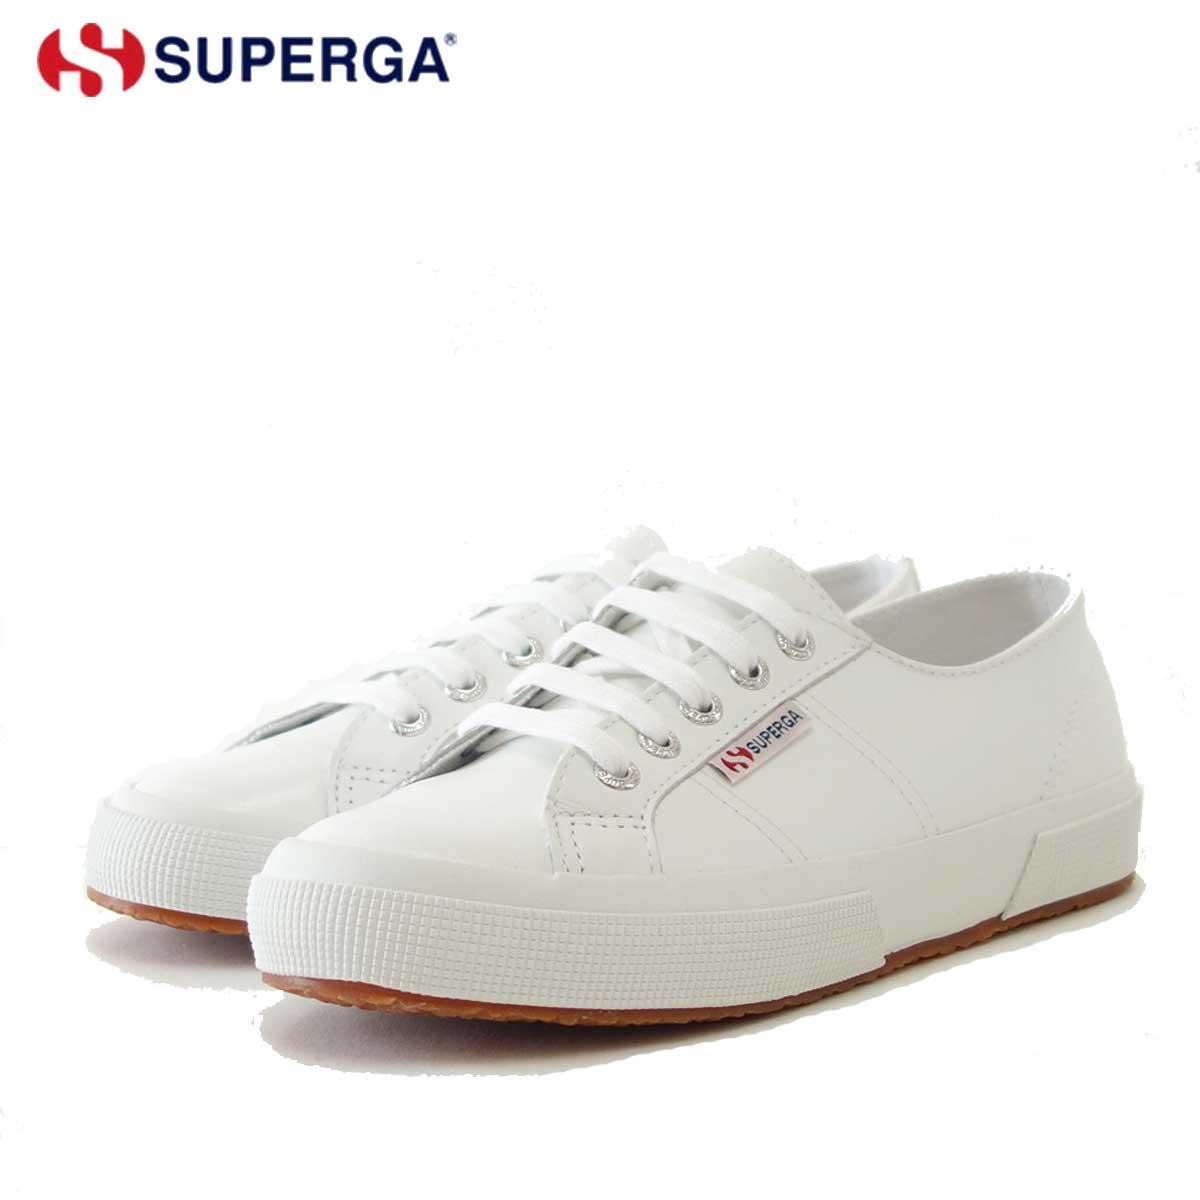 2020春の新作 スペルガ SUPERGA 「靴」 風合